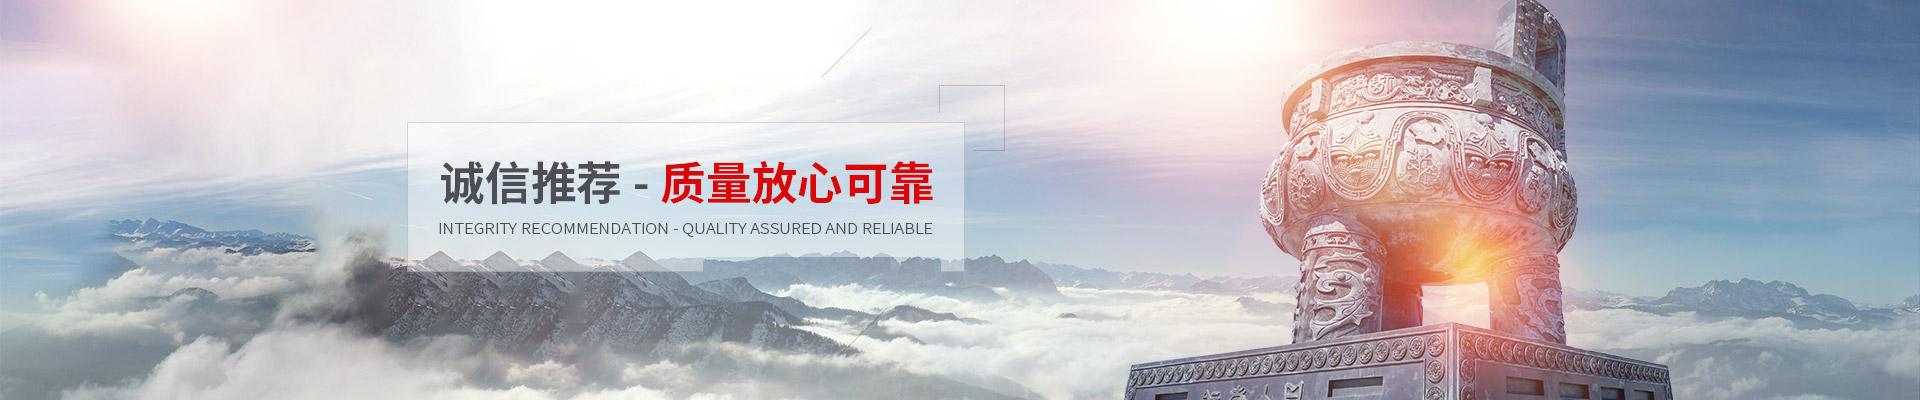 上海乾形信息科技nba山猫直播在线观看公司介绍